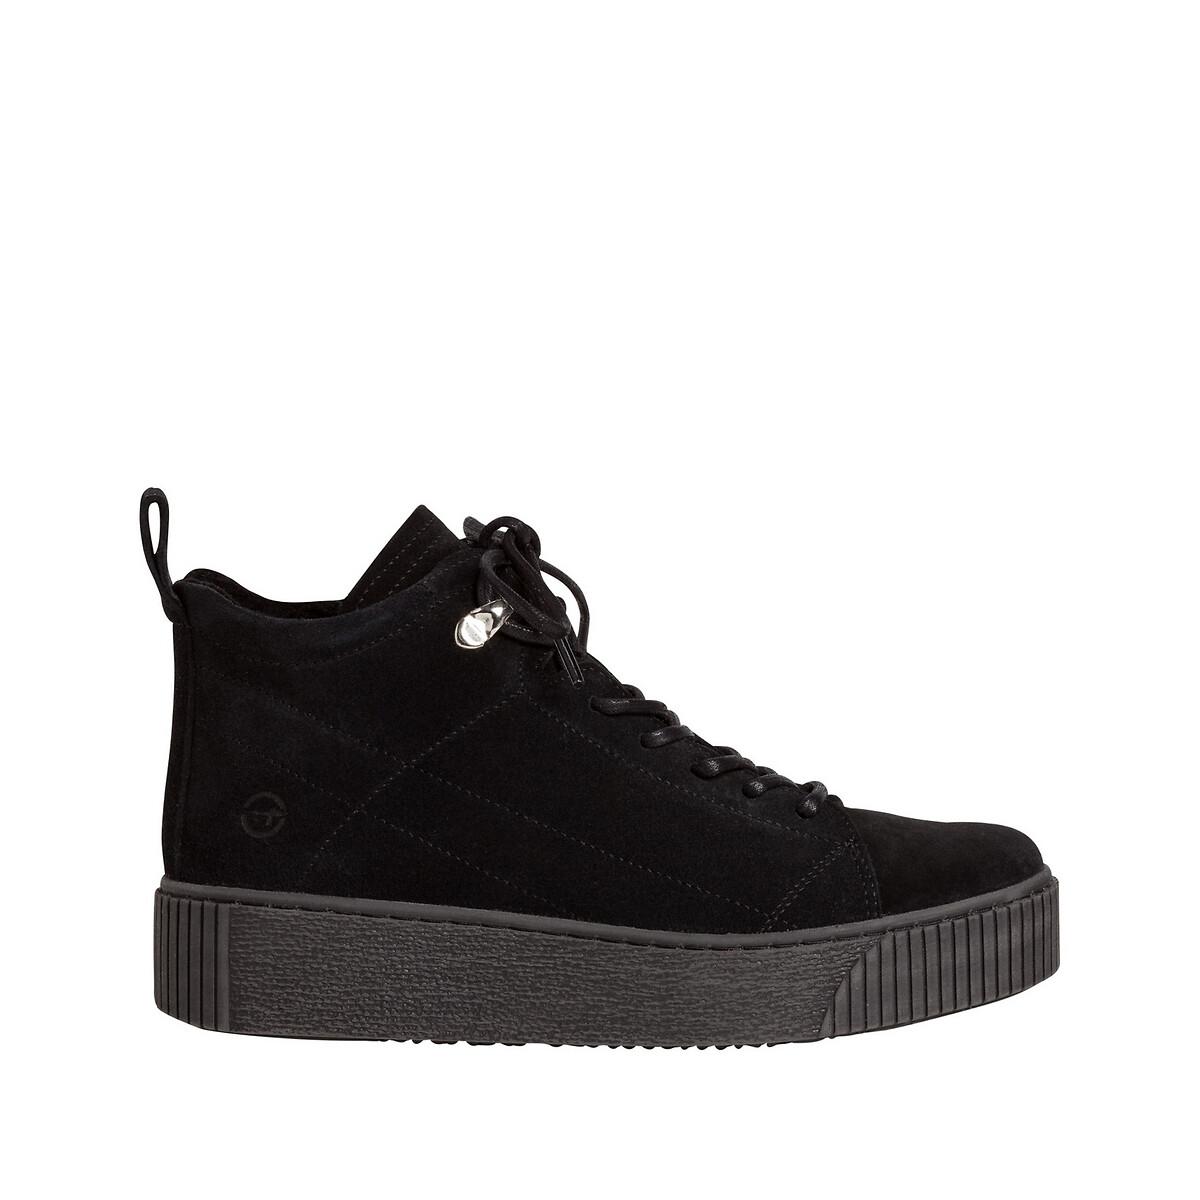 Ботинки La Redoute Из кожи Pieces 39 черный